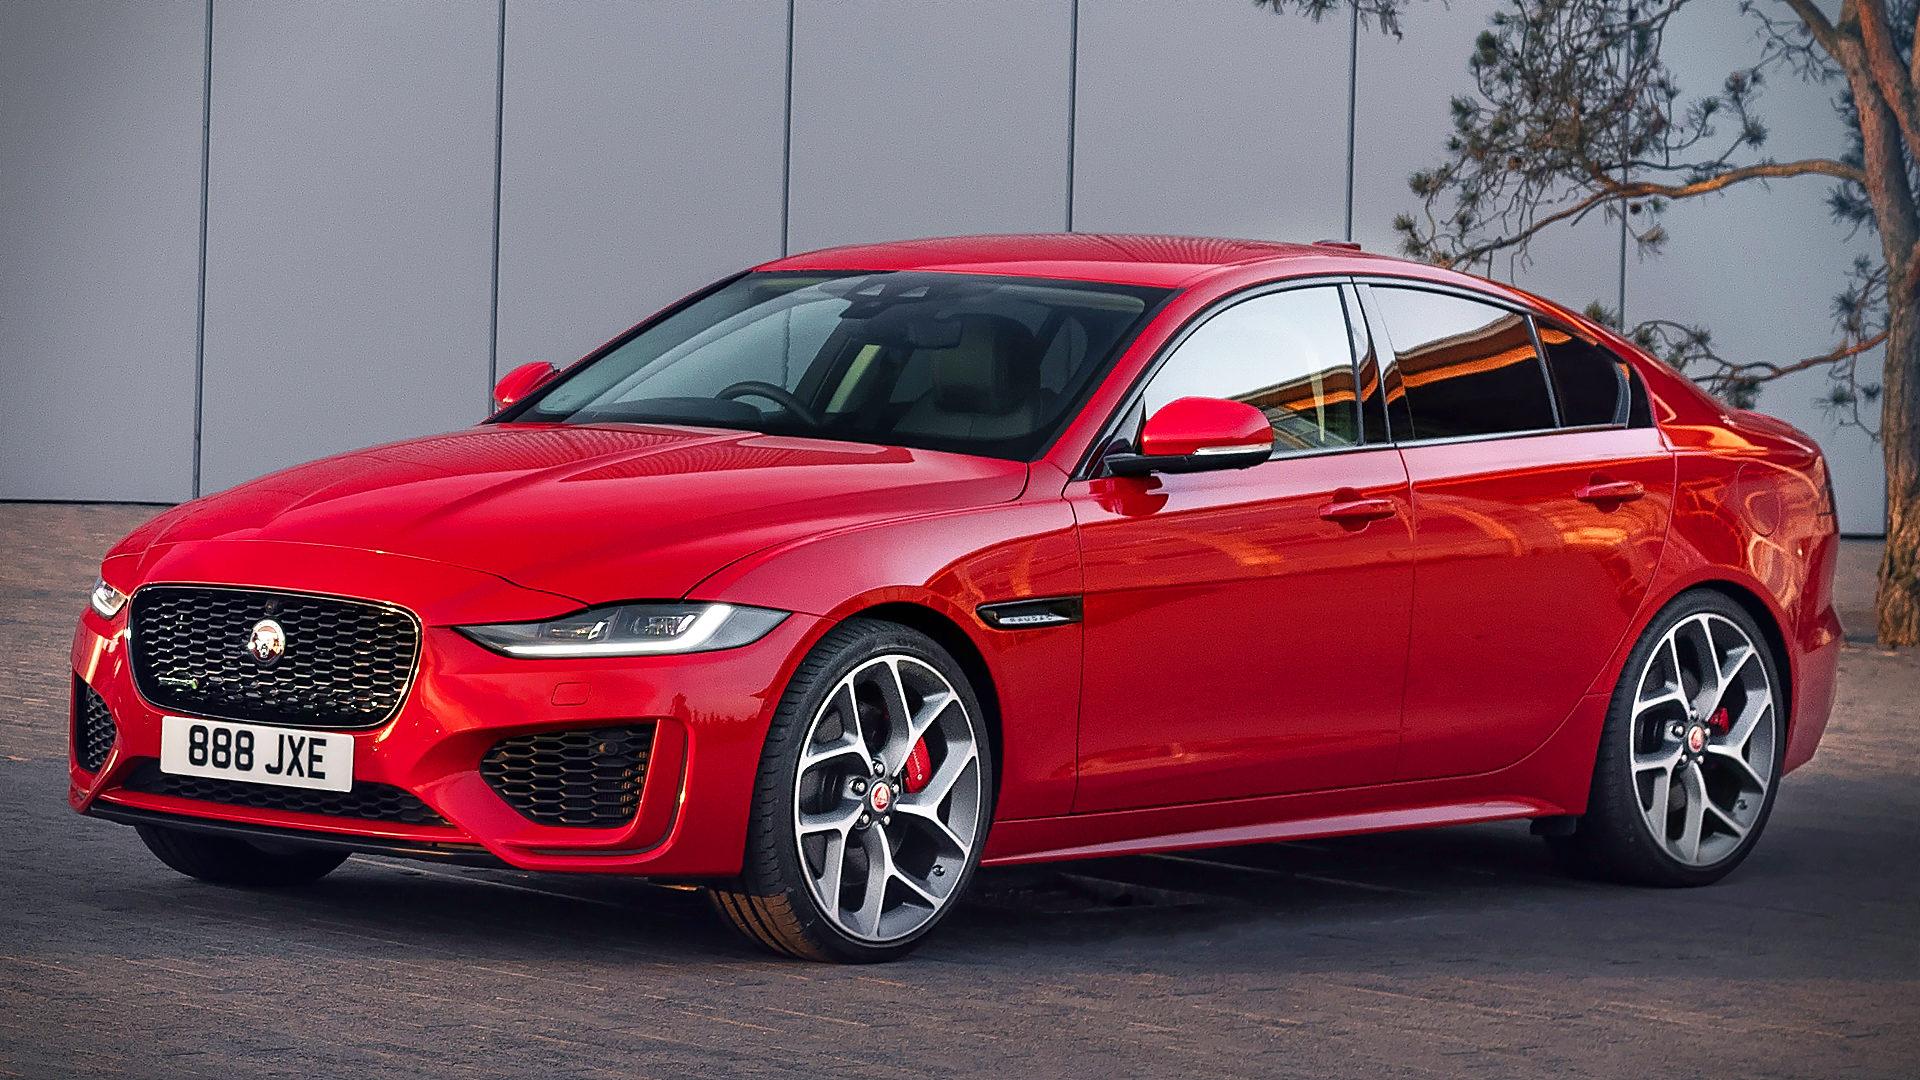 2021 jaguar xe specs wallpaper